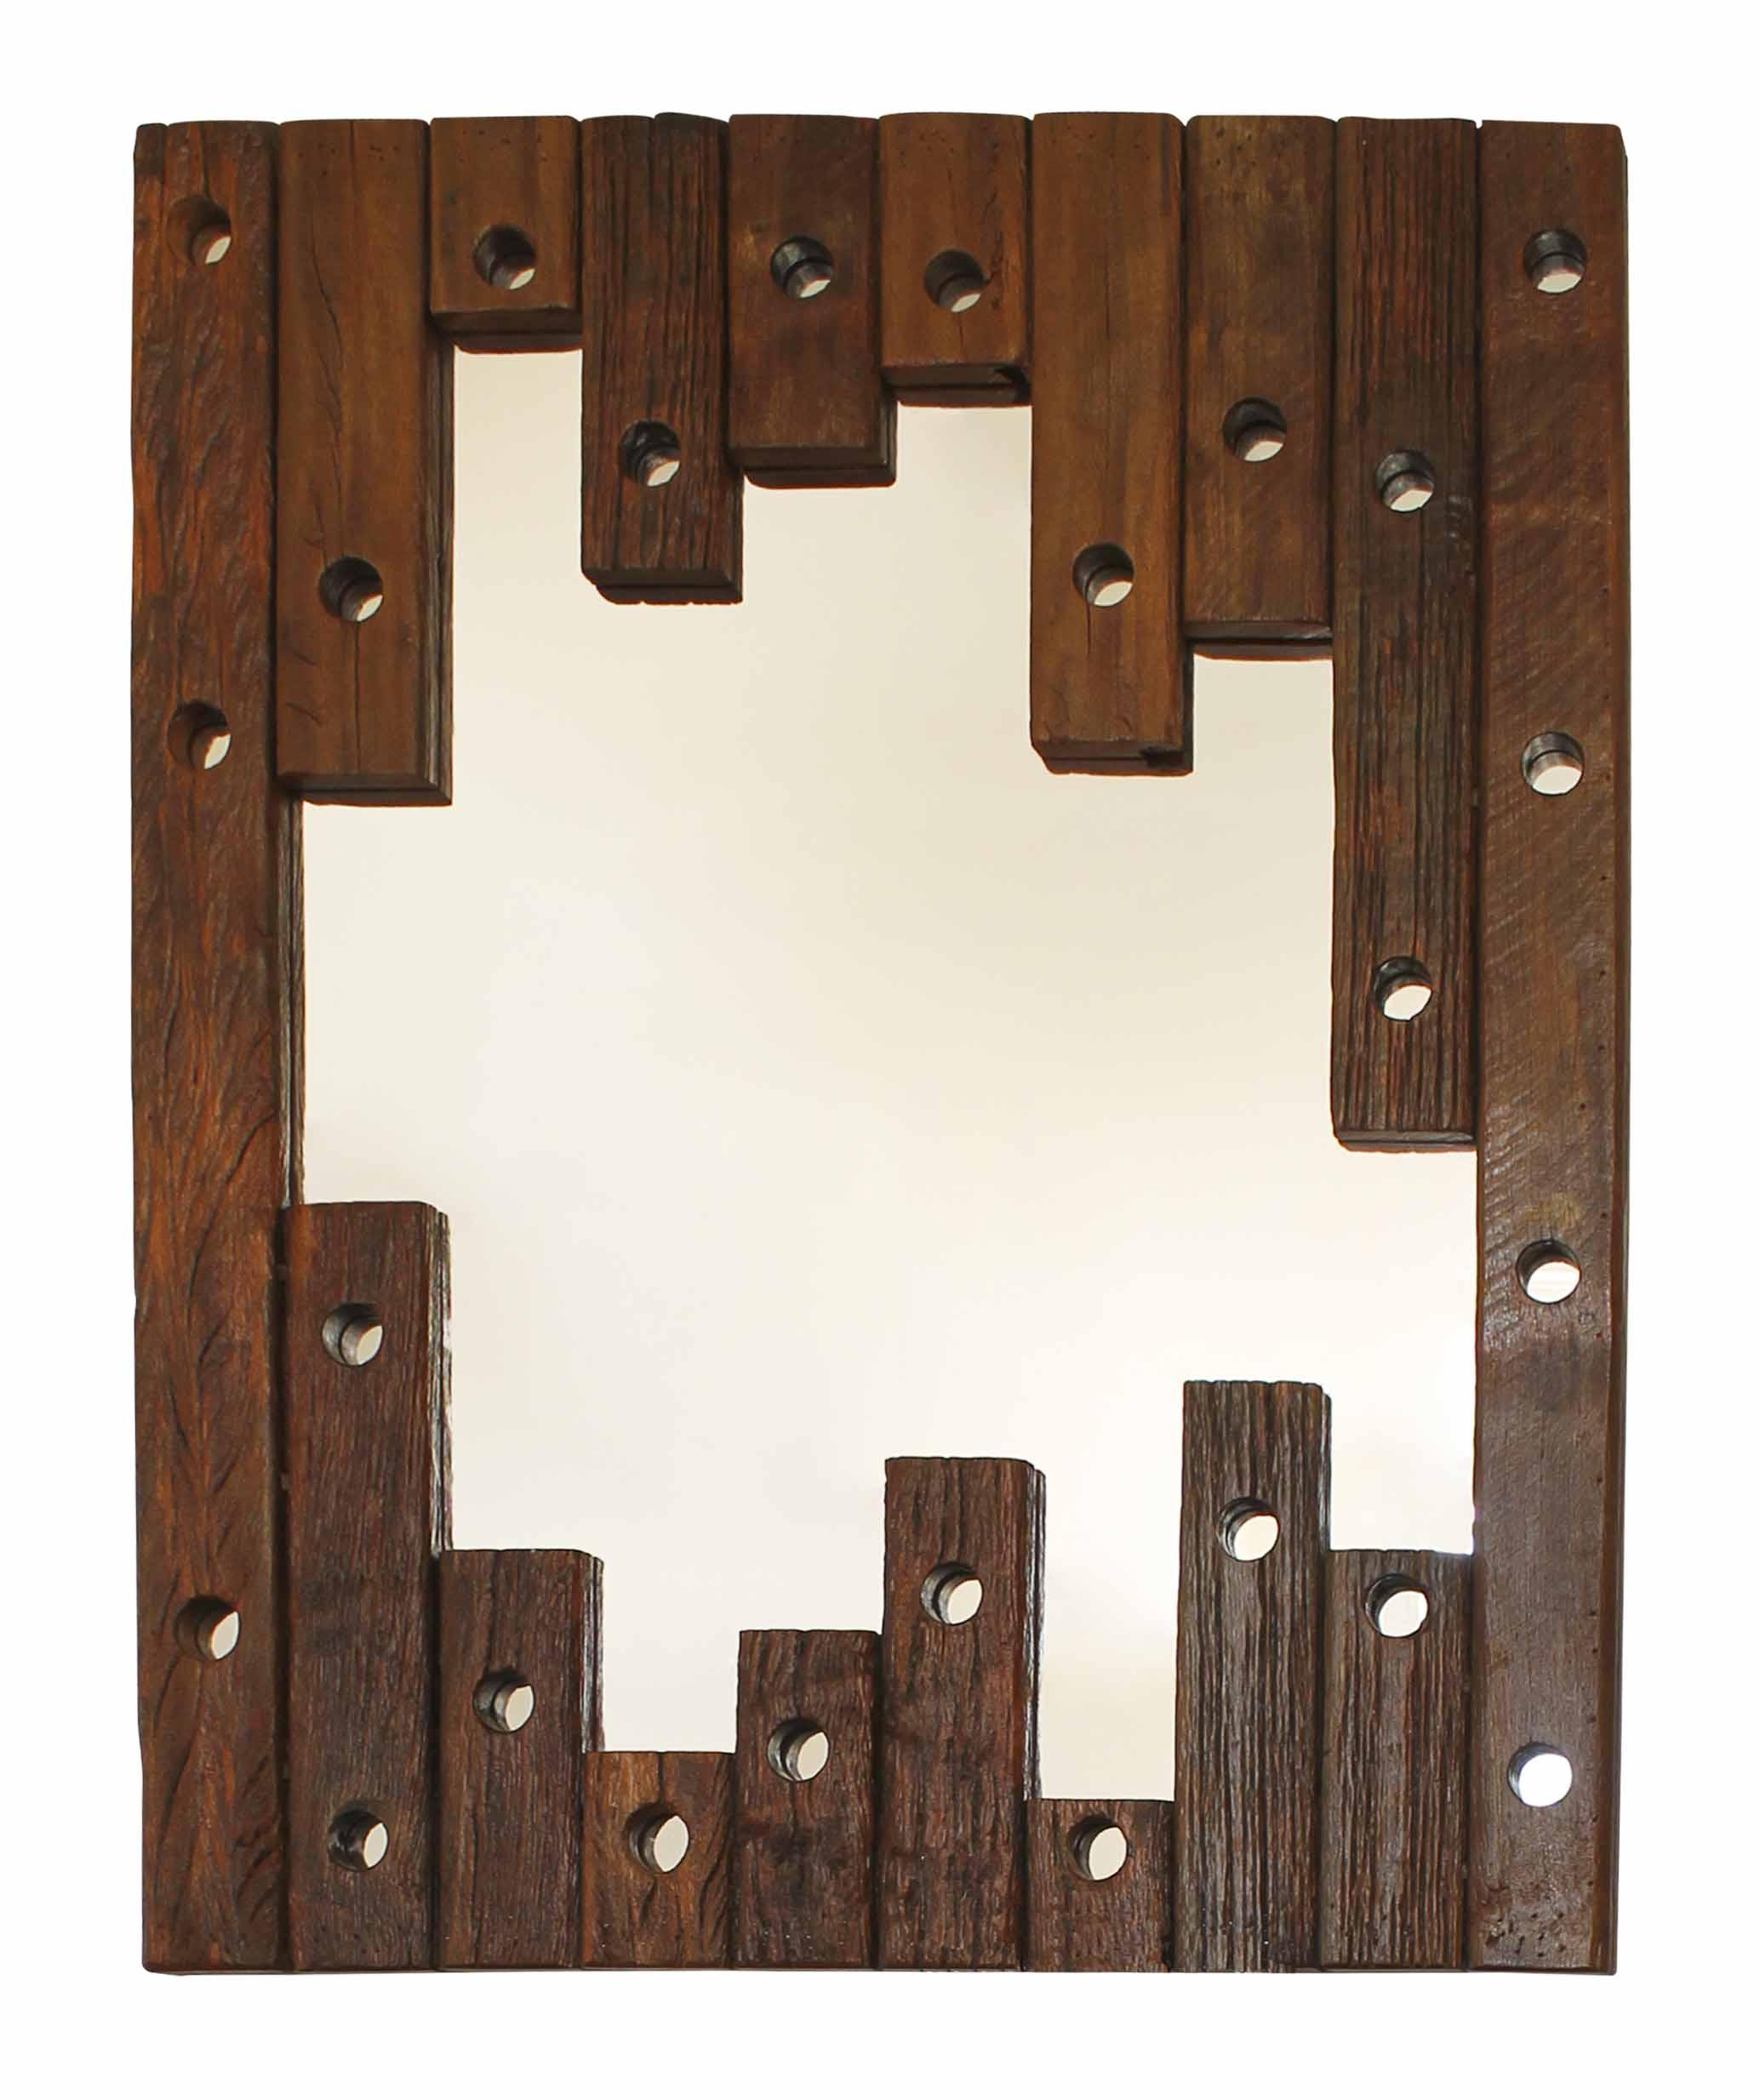 #63402B Moldura de madeira – moldura de cruzetas – cruzetas de madeira  598 Janelas Em Madeira Rusticas